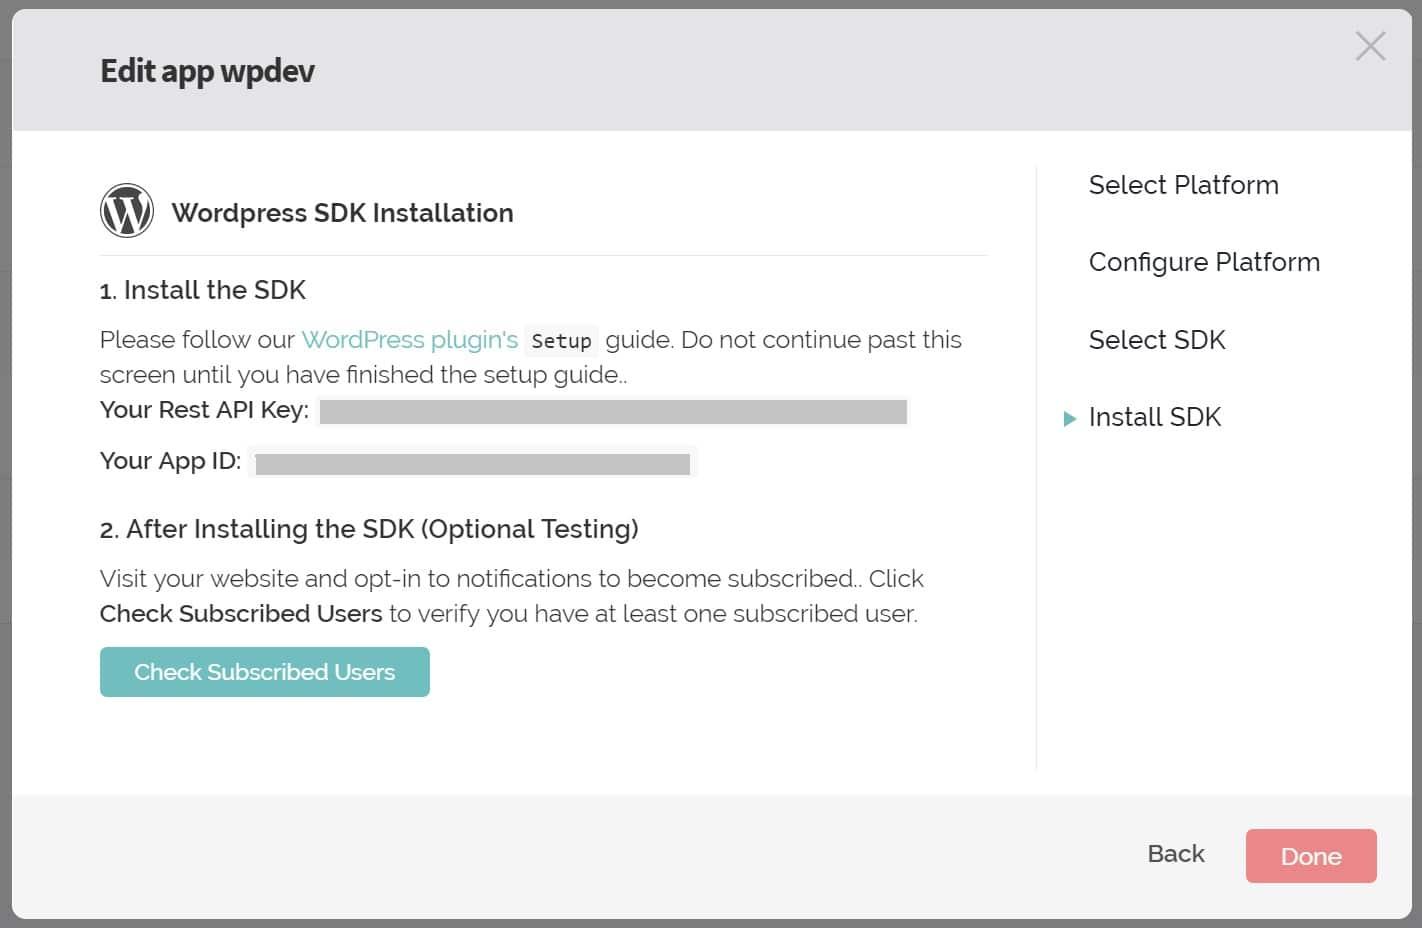 Chave API e App ID do OneSignal